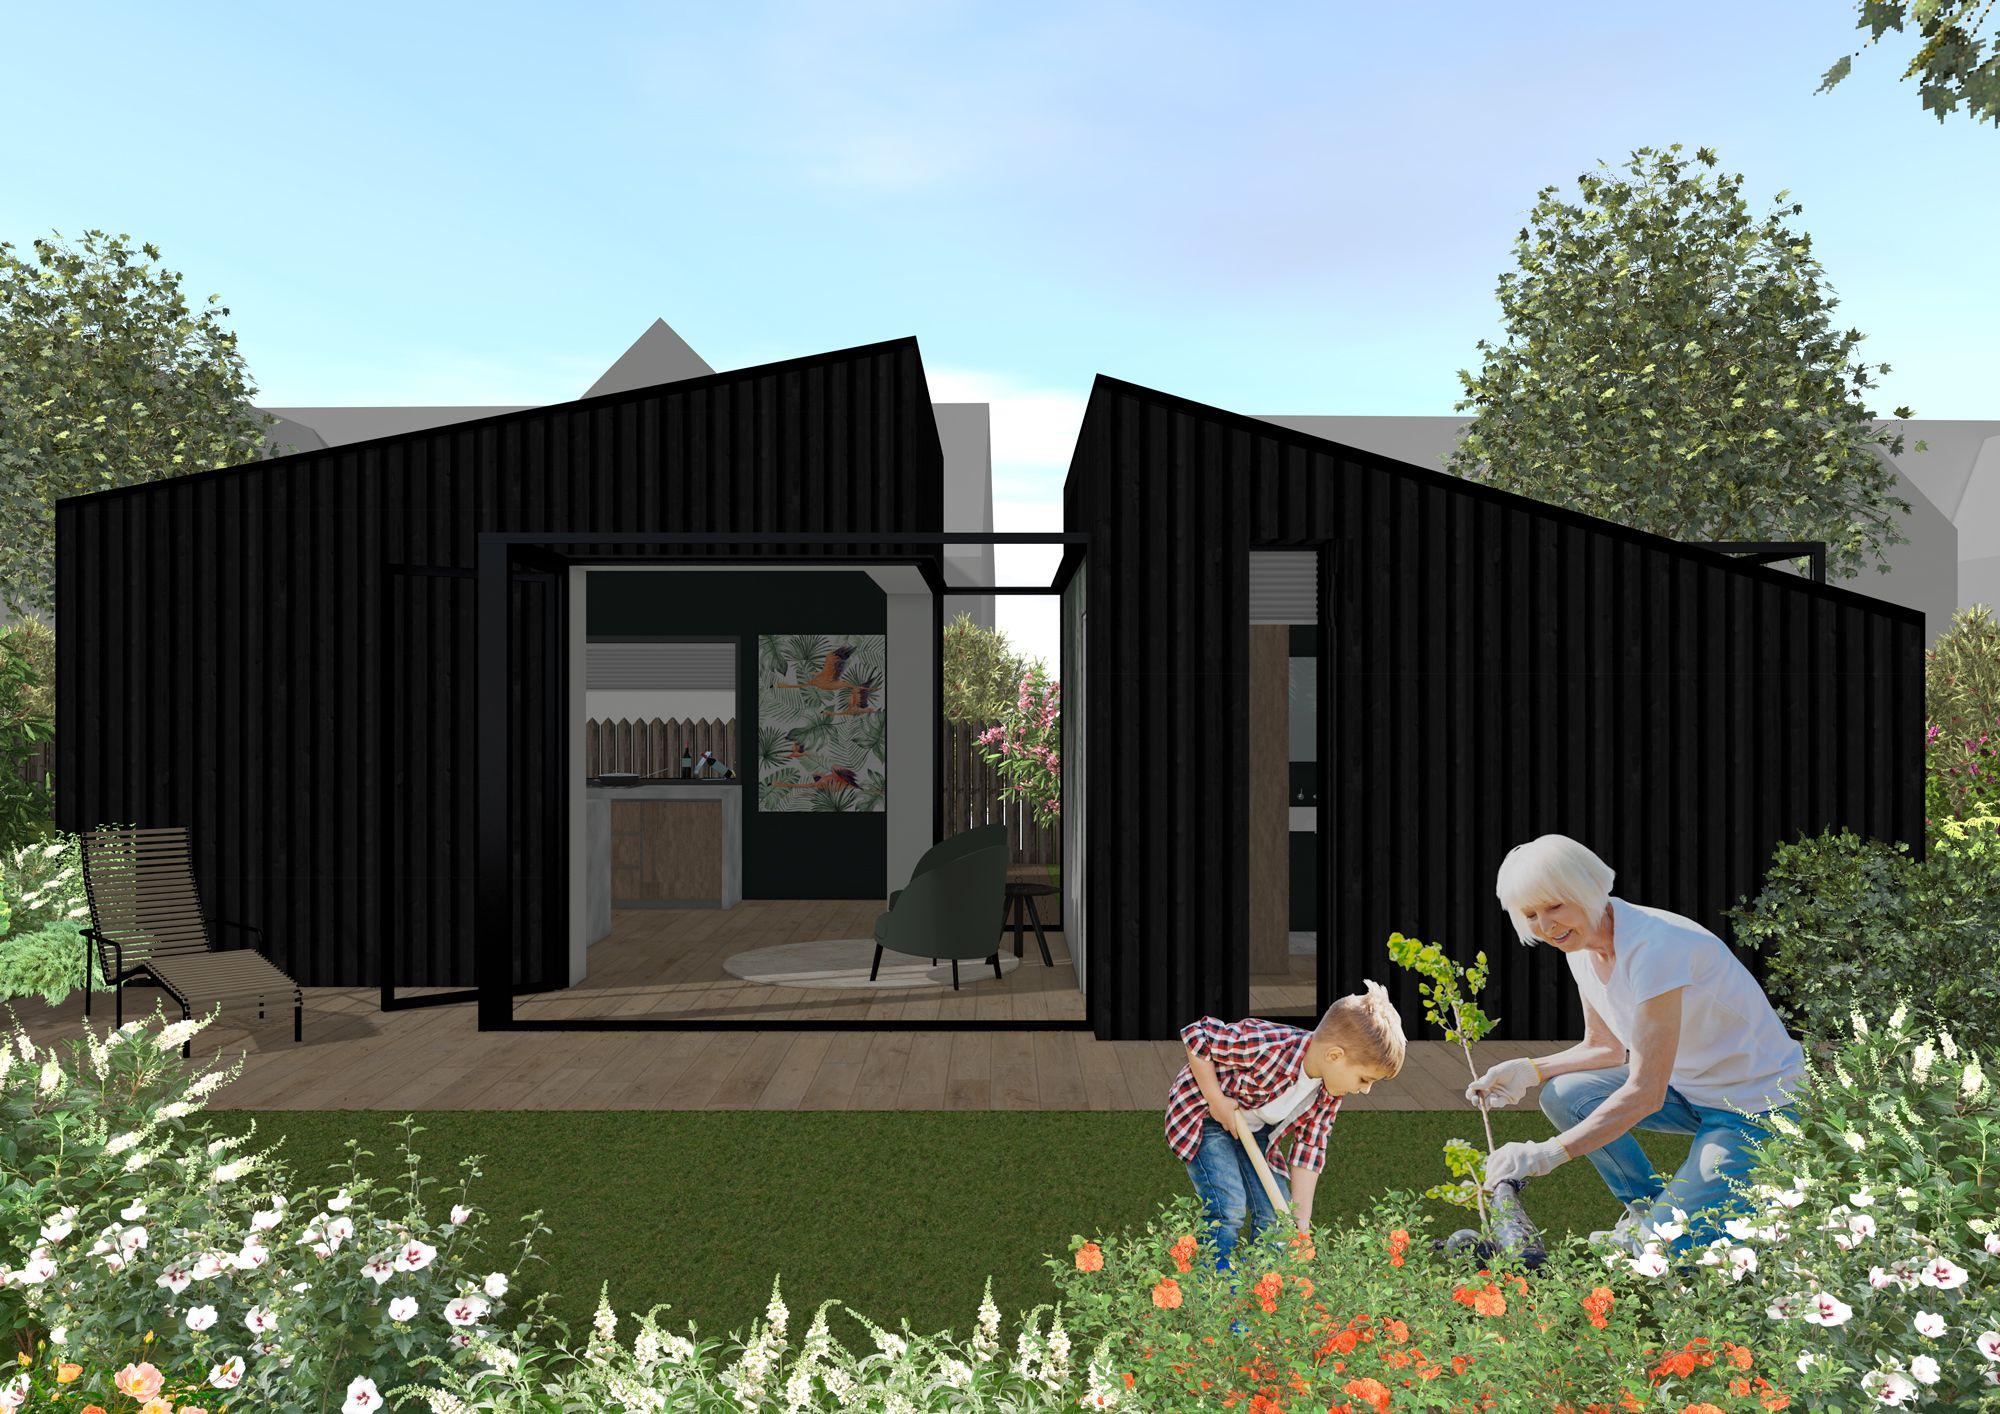 Buitenaanzicht project compact wonen inspiratieboard compact wonen | Space identity | Interieurvormgeving Tiel